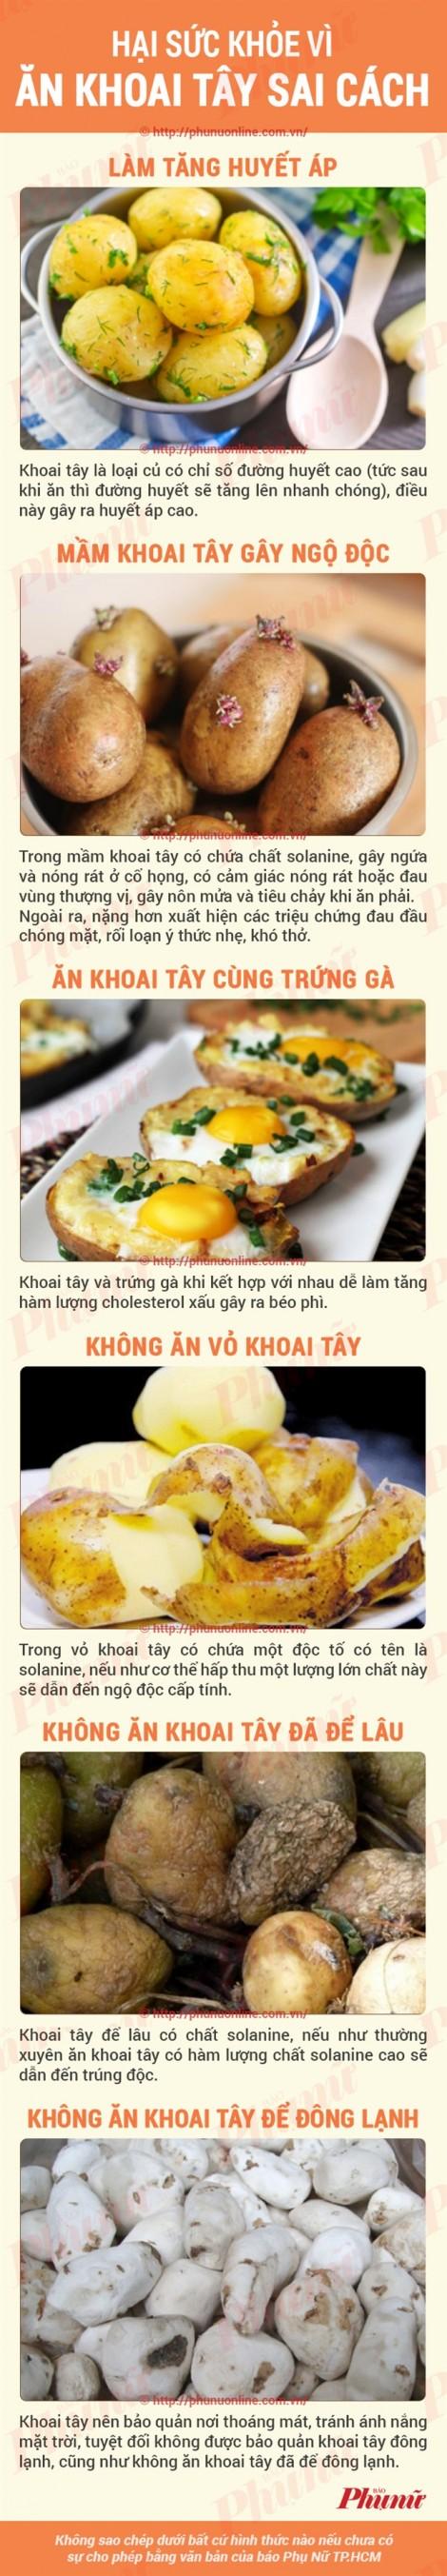 Tác hại của khoai tây nếu ăn sai cách